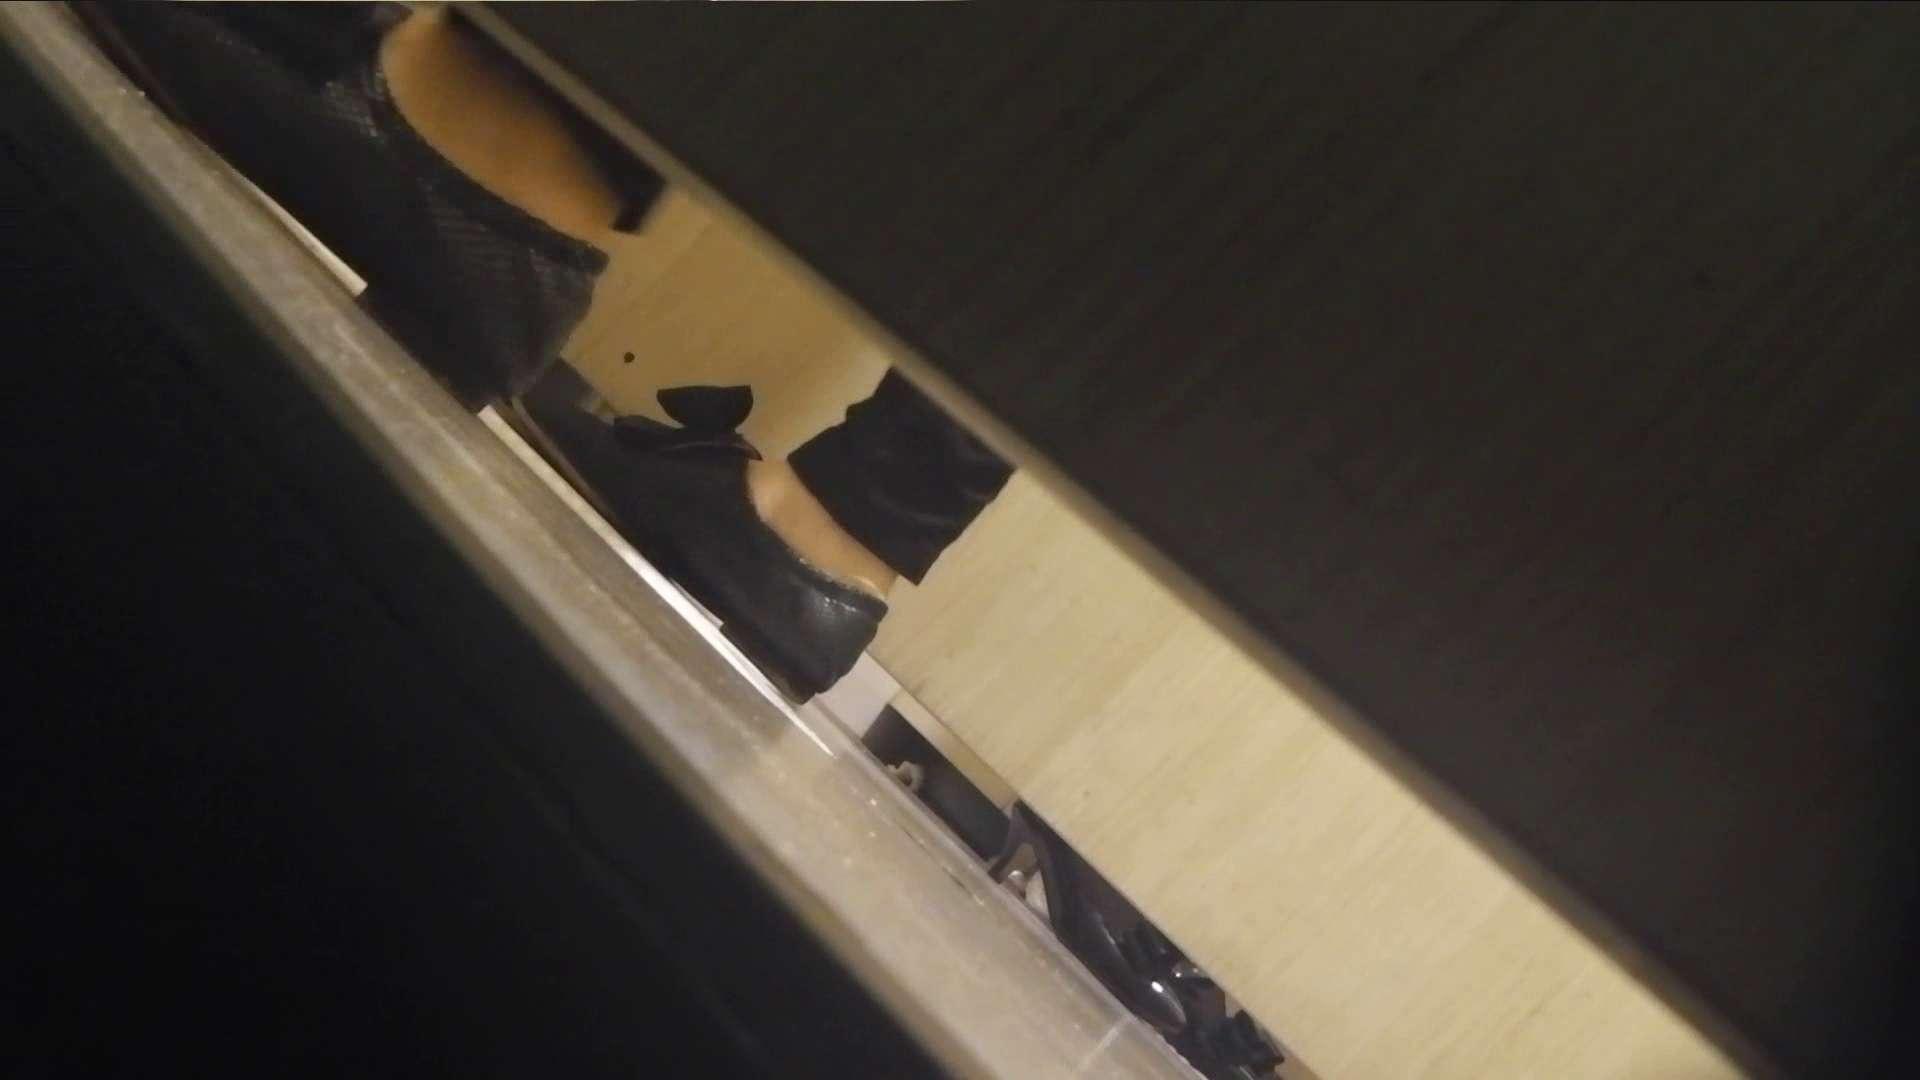 阿国ちゃんの「和式洋式七変化」No.17 洗面所   丸見えマンコ  95画像 86